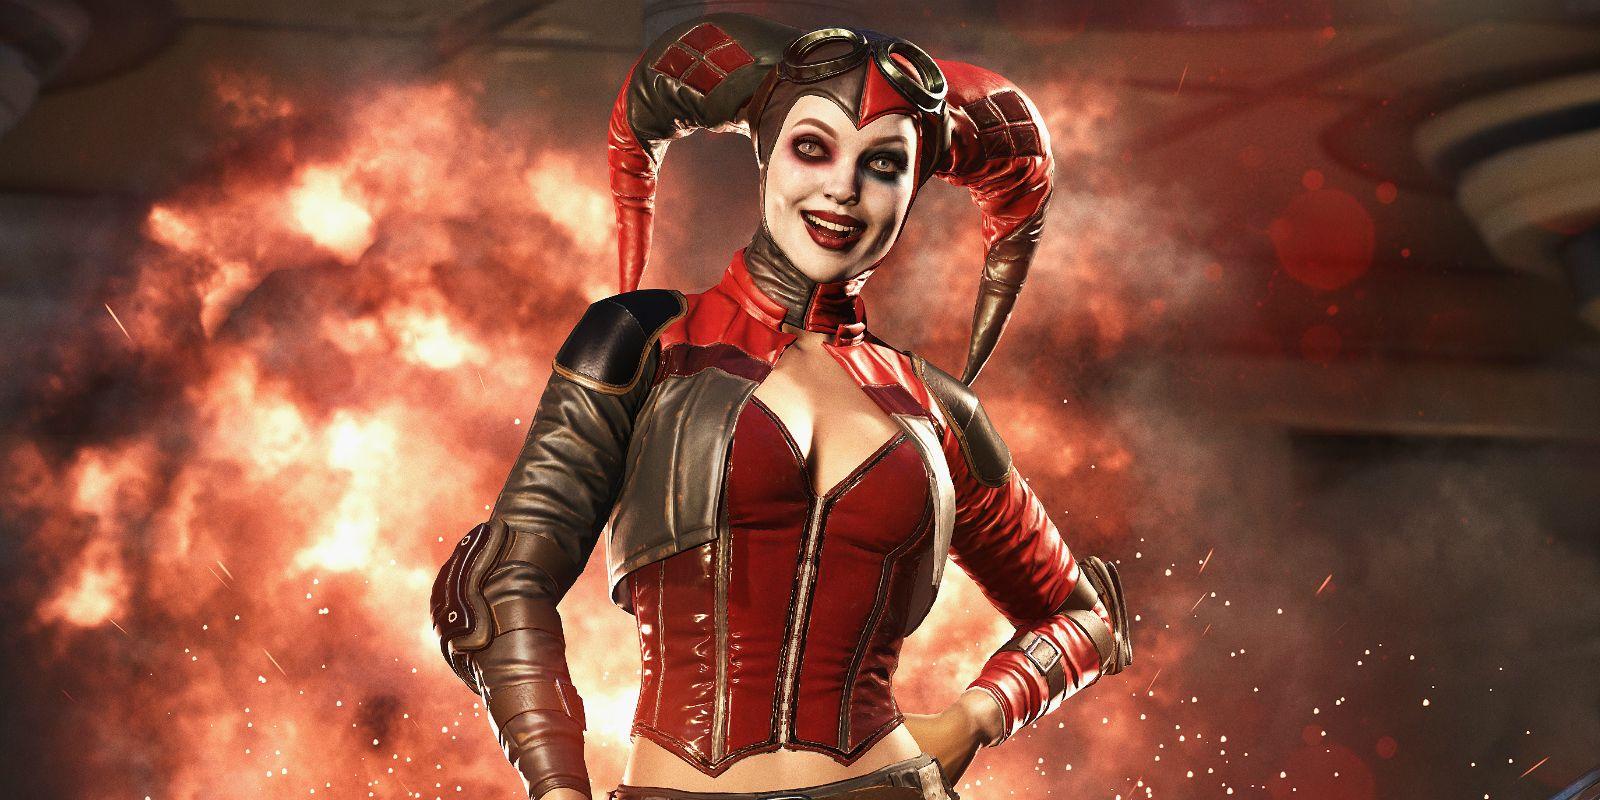 Gamescom 2016: Harley Quinn & Deadshot Confirmed For